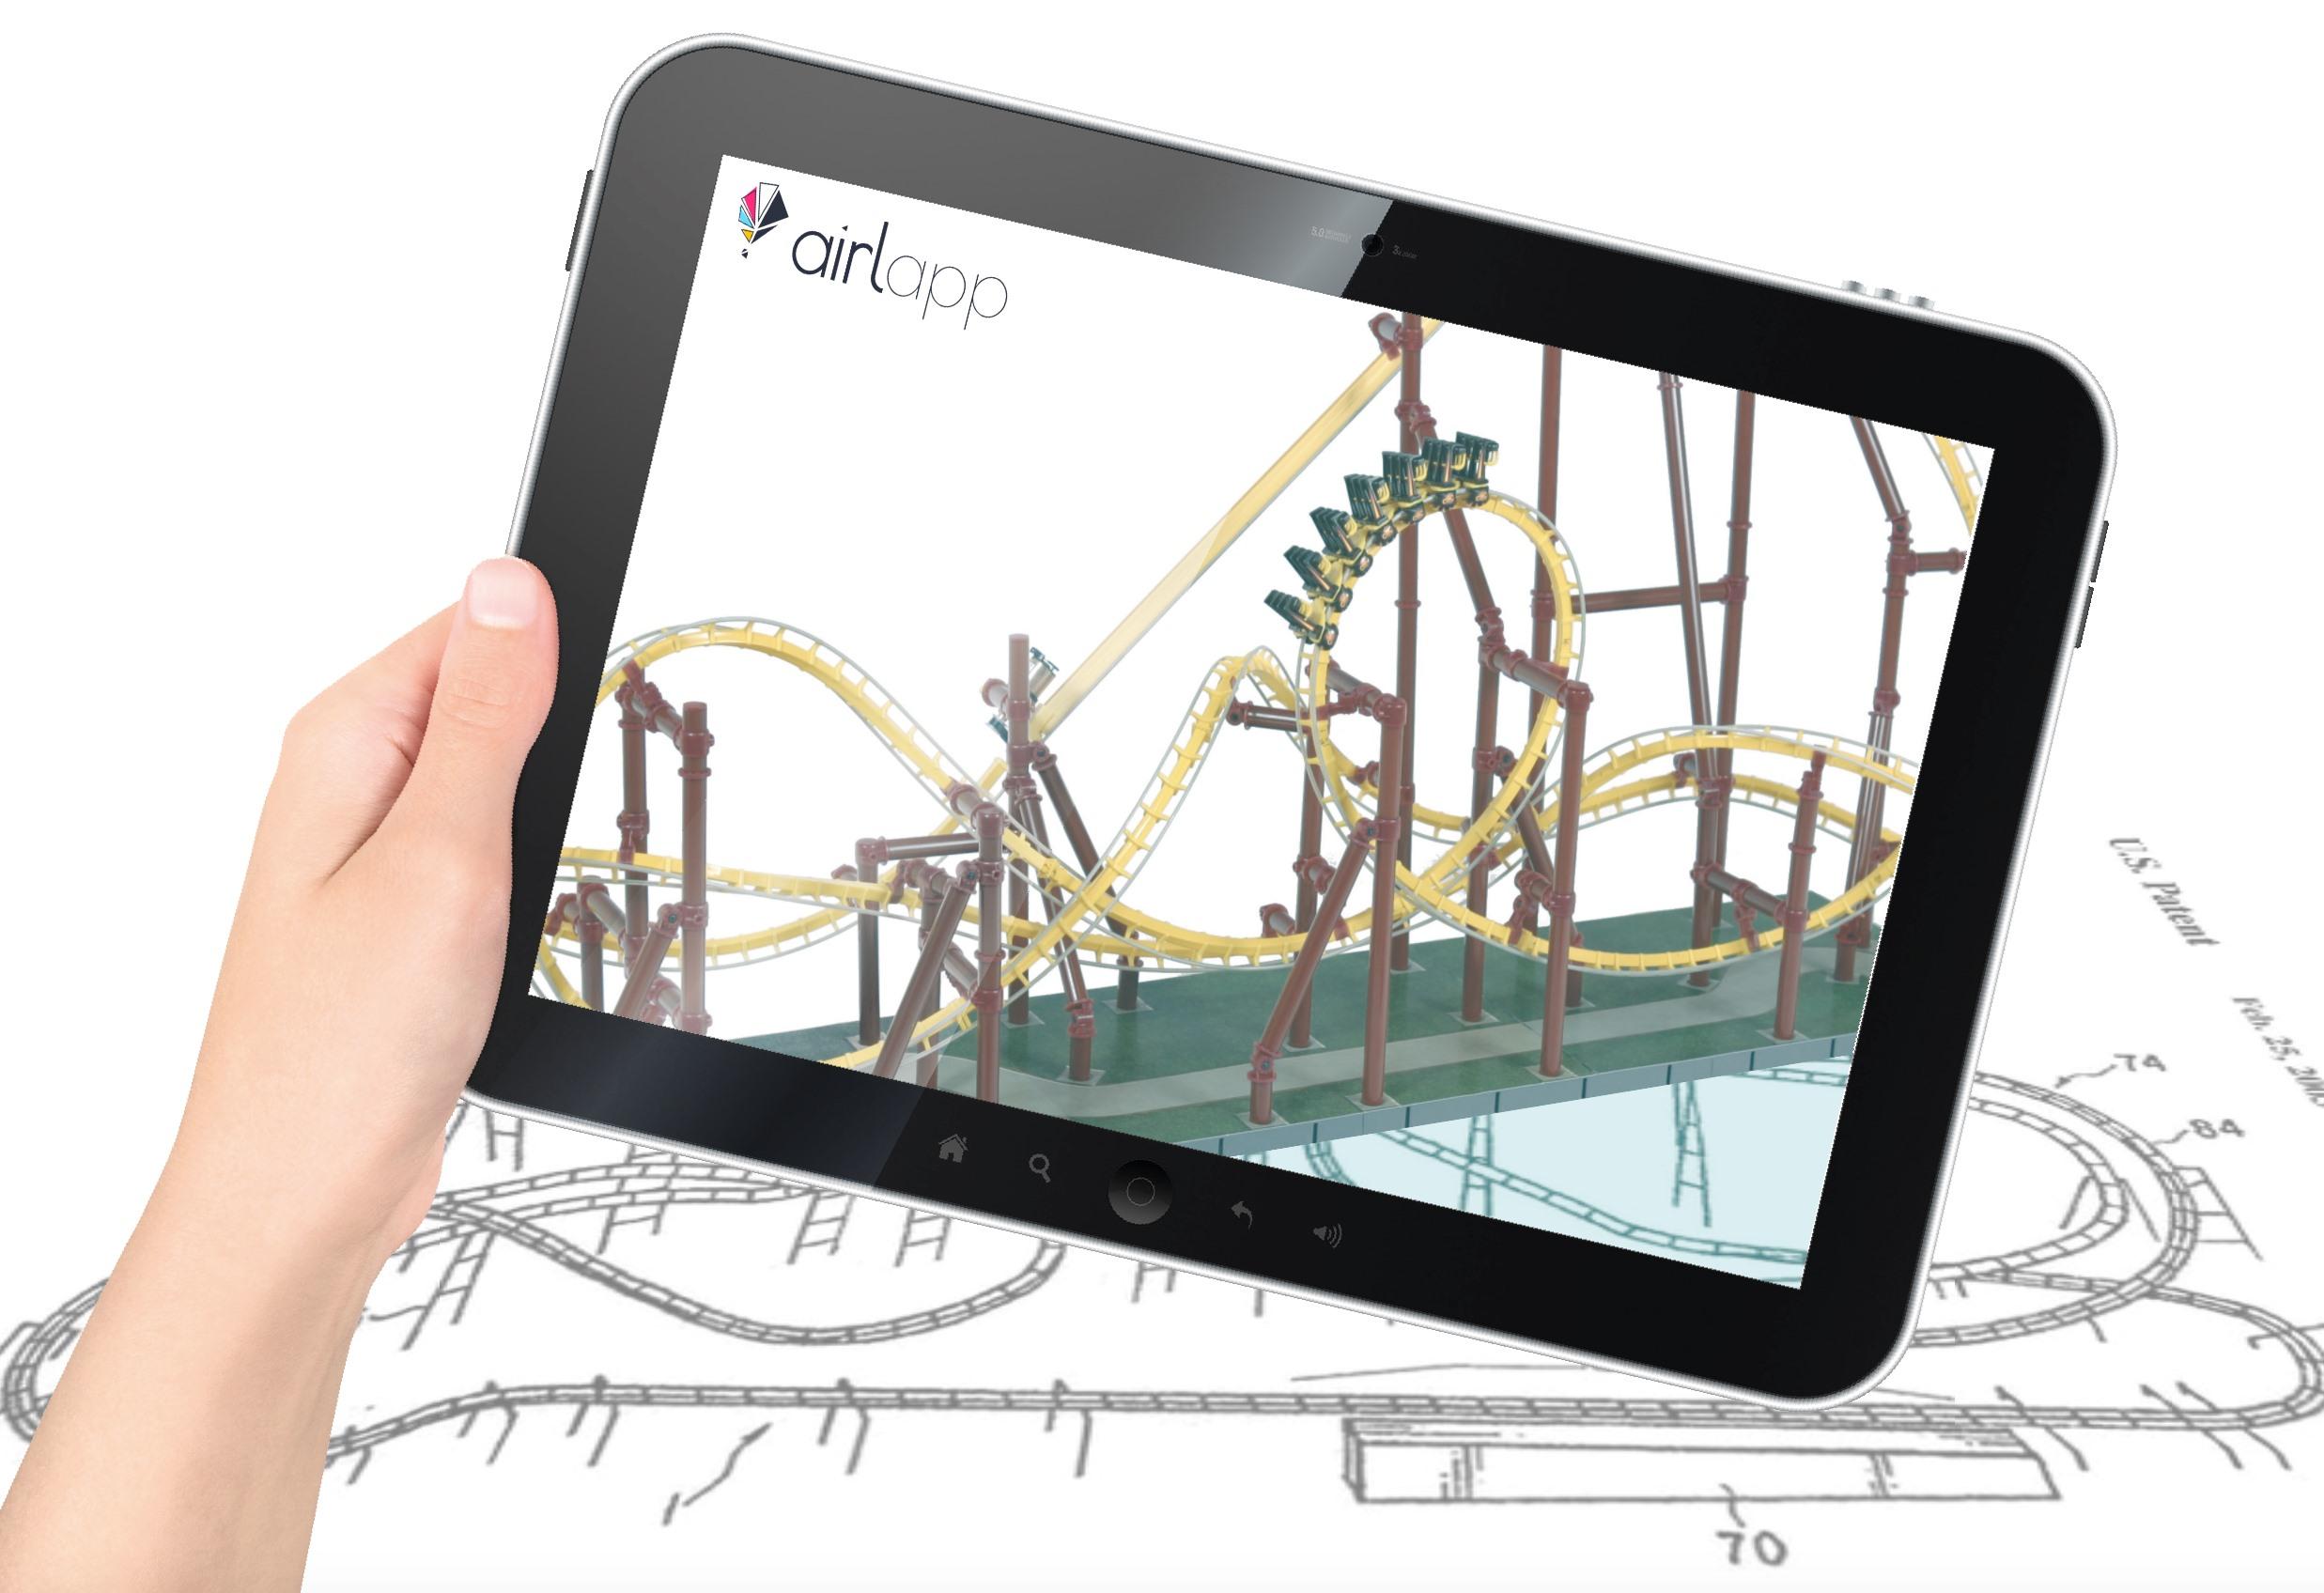 Immagine modalità realtà aumentata presente nell'App come feature personalizzata